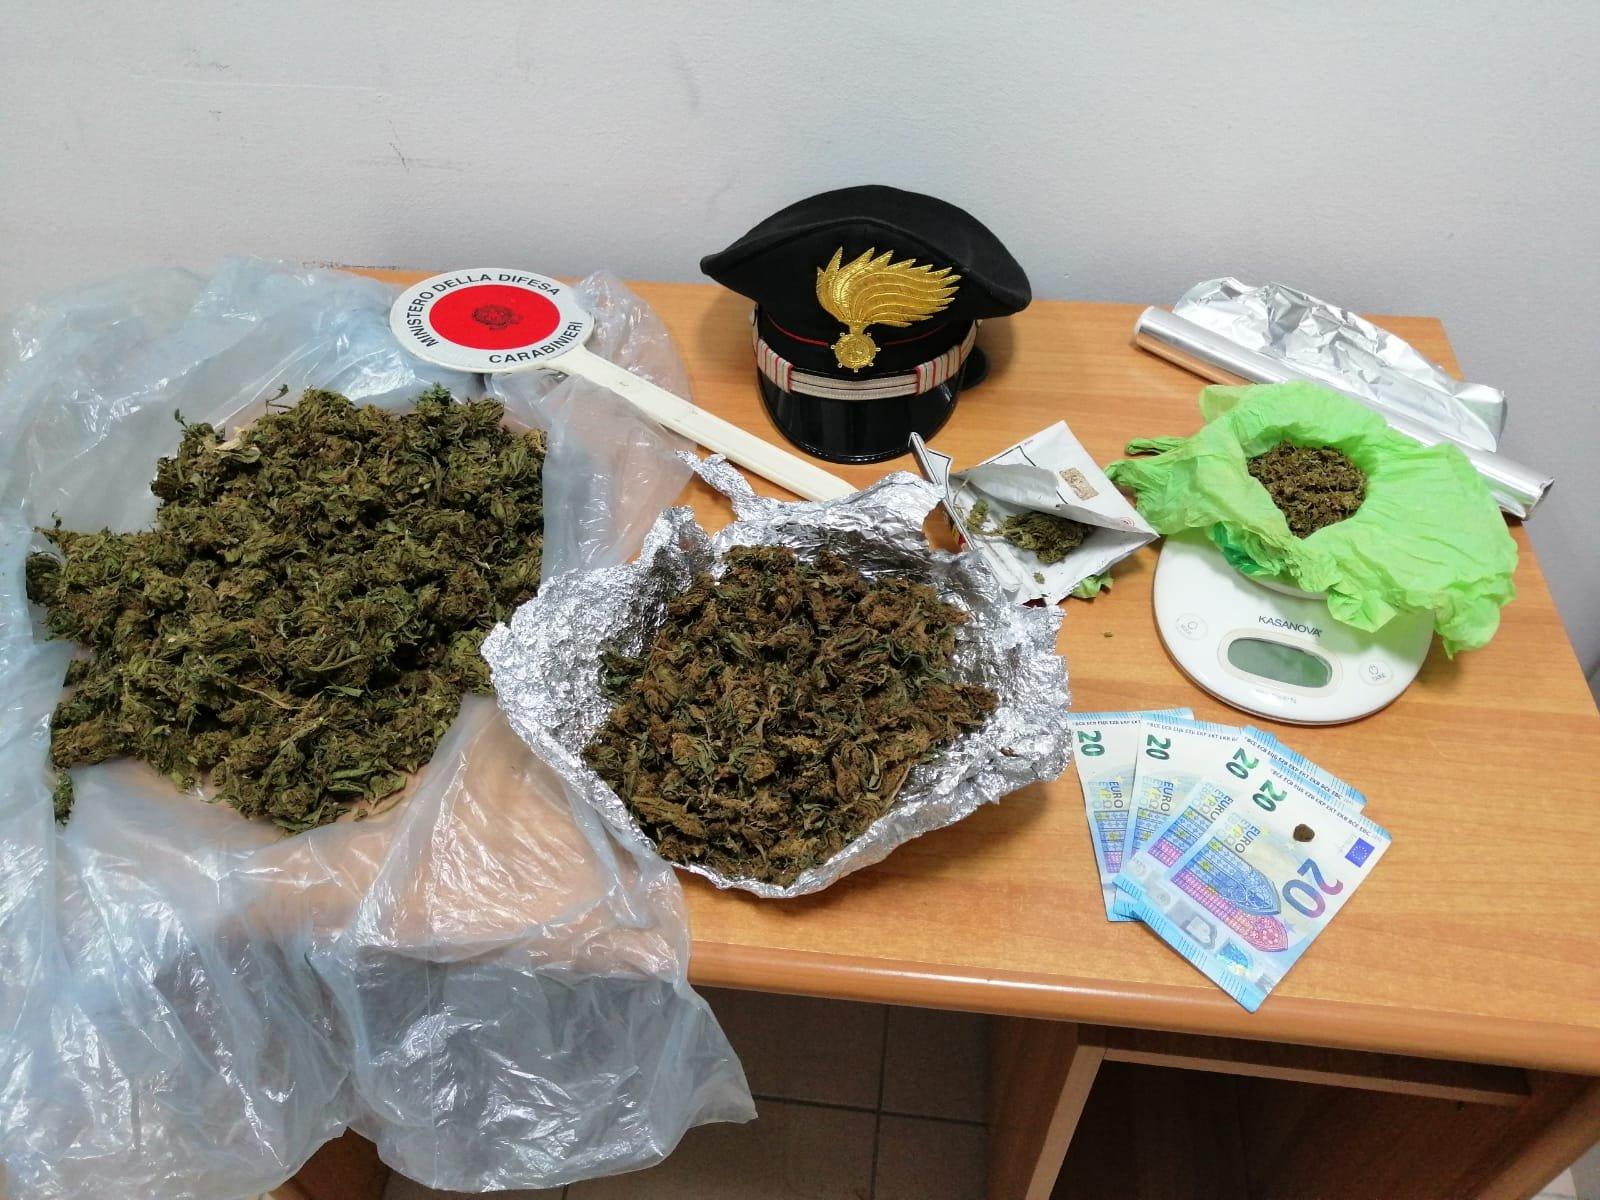 Un 28enne originario della Guinea è stato arrestato dai carabinieri di Selargius che lo hanno trovato in possesso di due bustoni di droga nella propria abitazione.